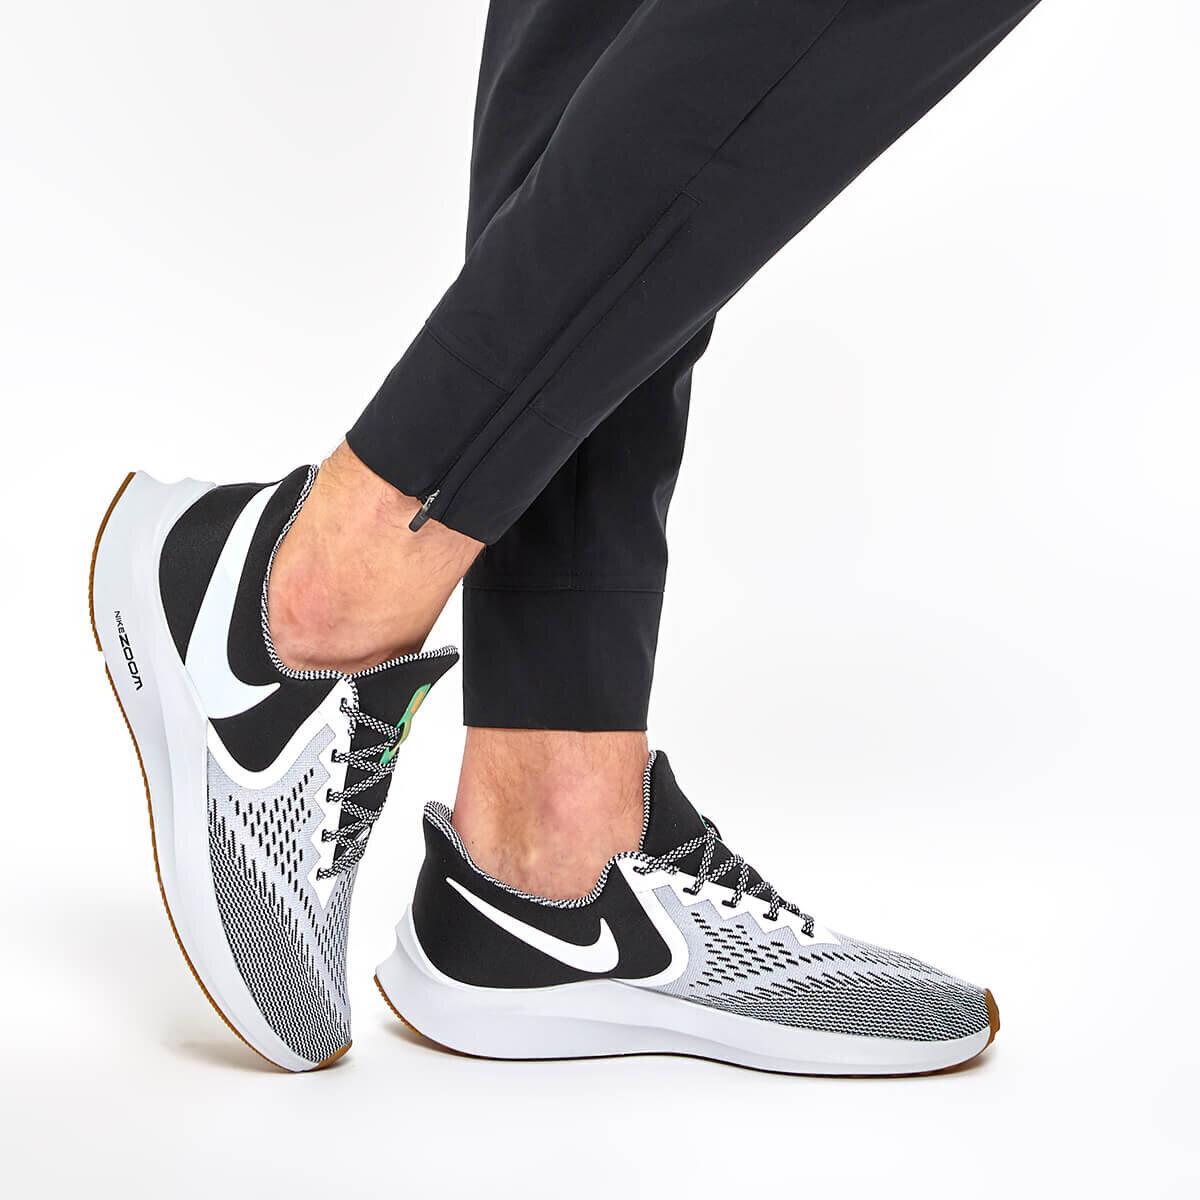 SIYAH Erkek Koşu Ayakkabısı ZOOM WINFLO 6 SE